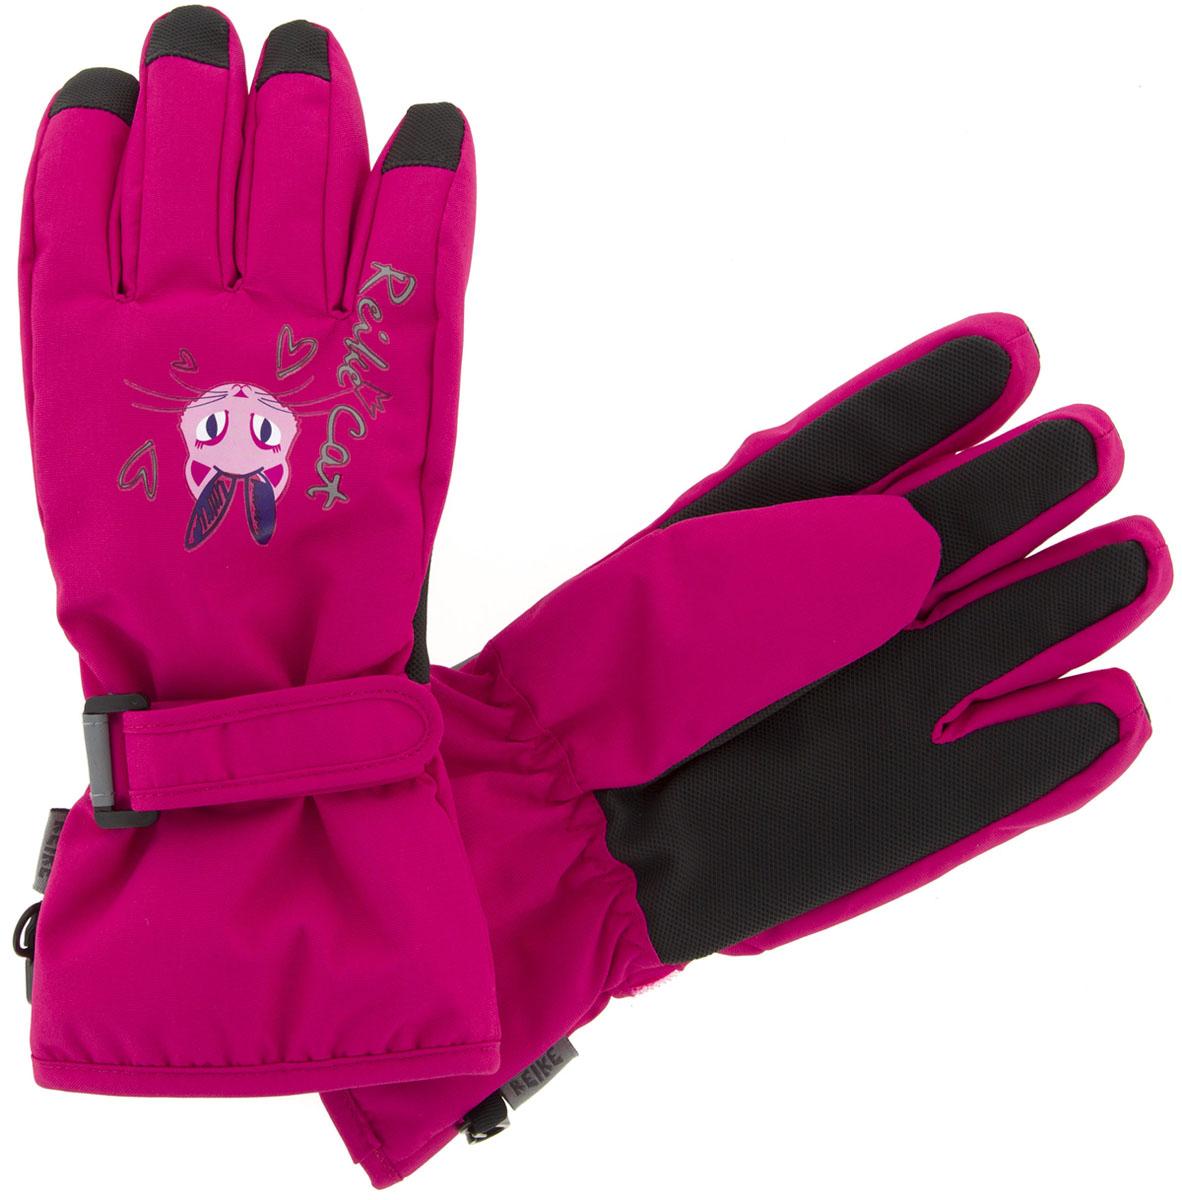 Перчатки для девочки Reike Кошечки, цвет: фуксия. RW18_PRC2 fuchsia. Размер 6 перчатки reike